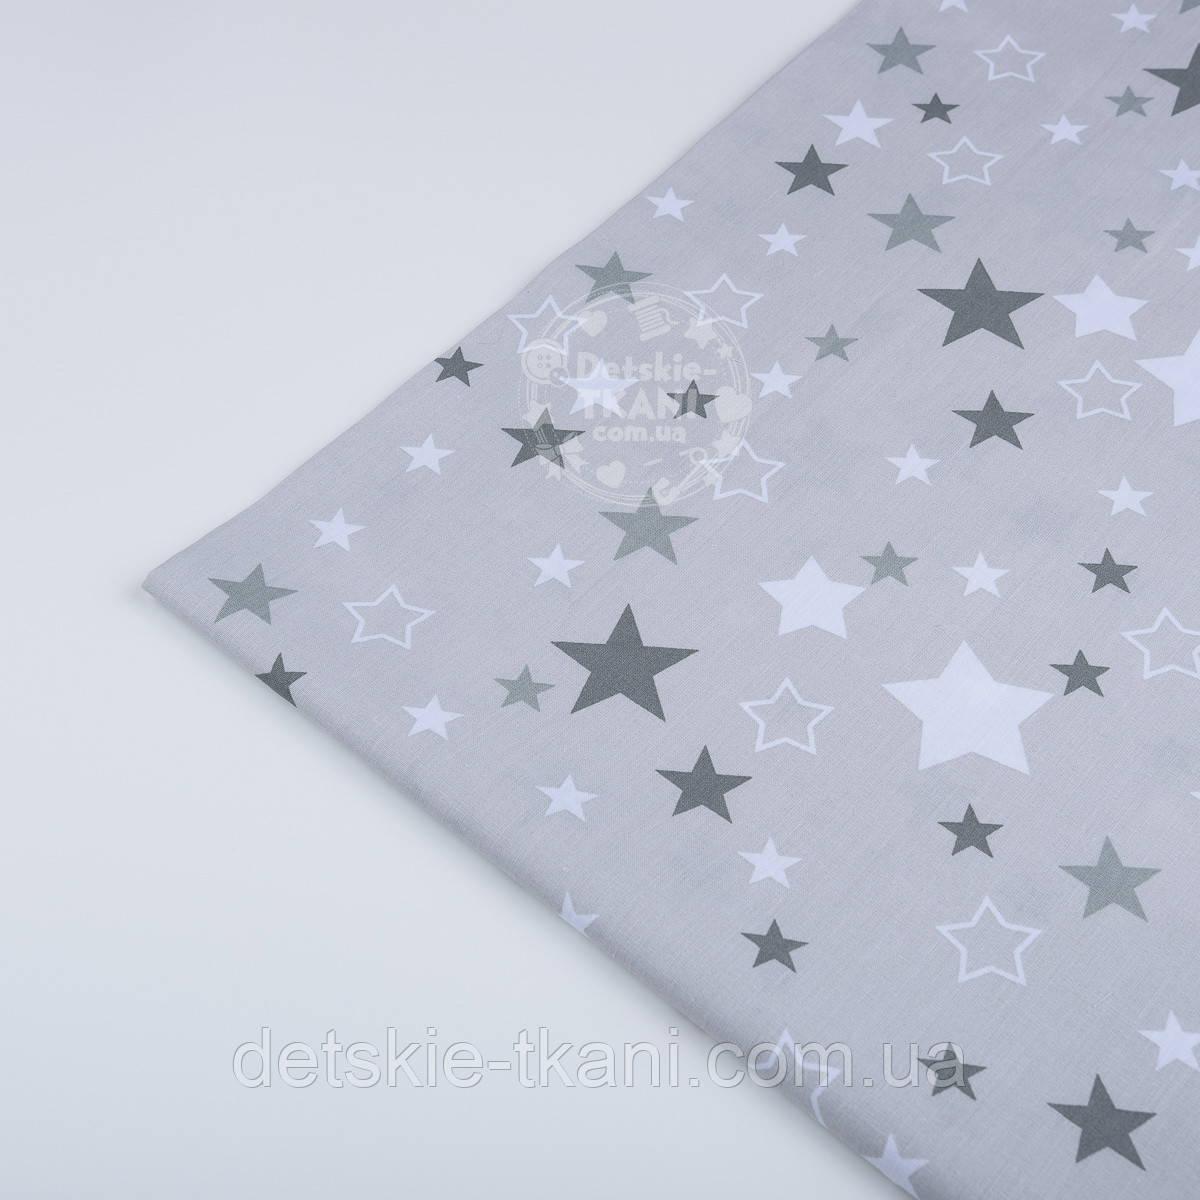 """Отрез ткани №1032а """"Звёздный карнавал"""" с белыми и графитовыми звёздами на сером фоне"""